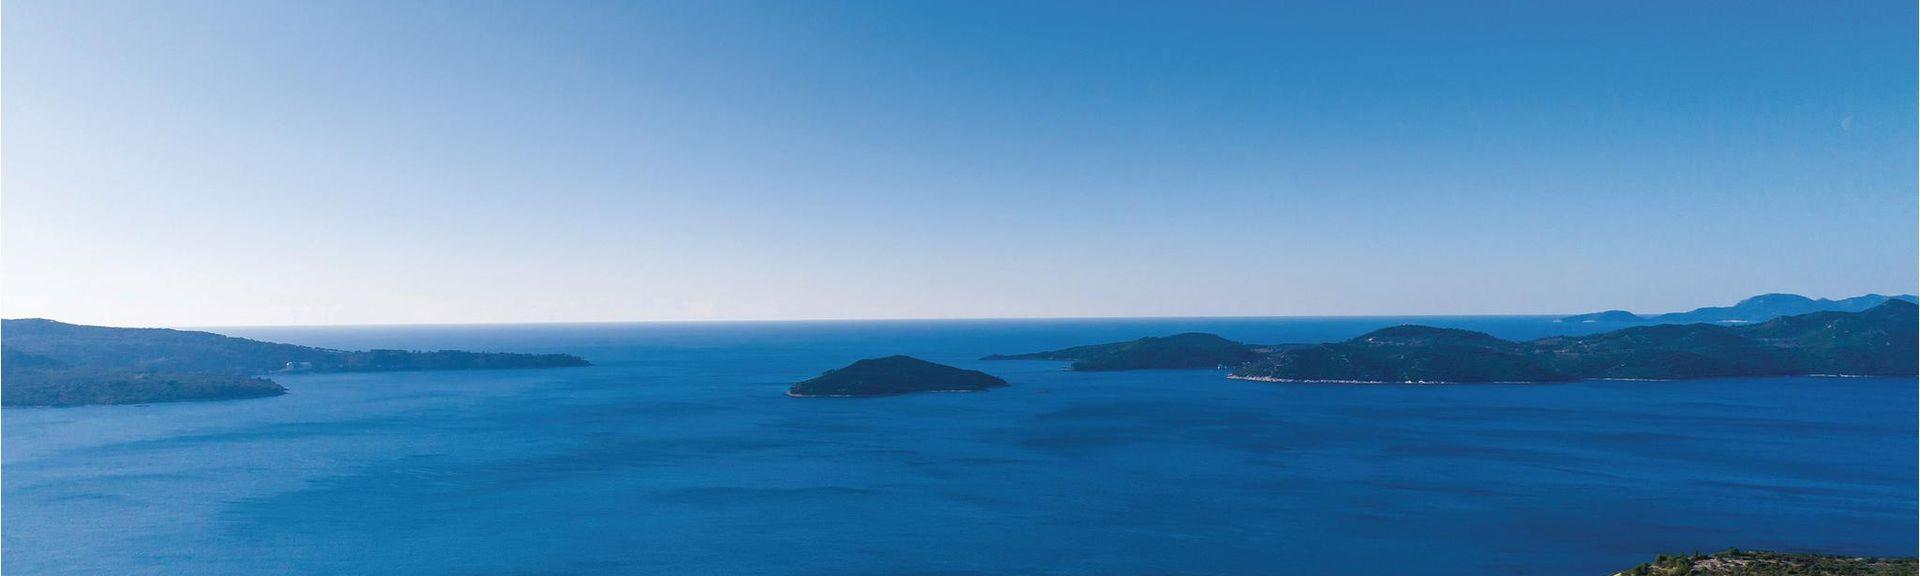 Zaton, Dubrovnik-Neretvas län, Kroatien